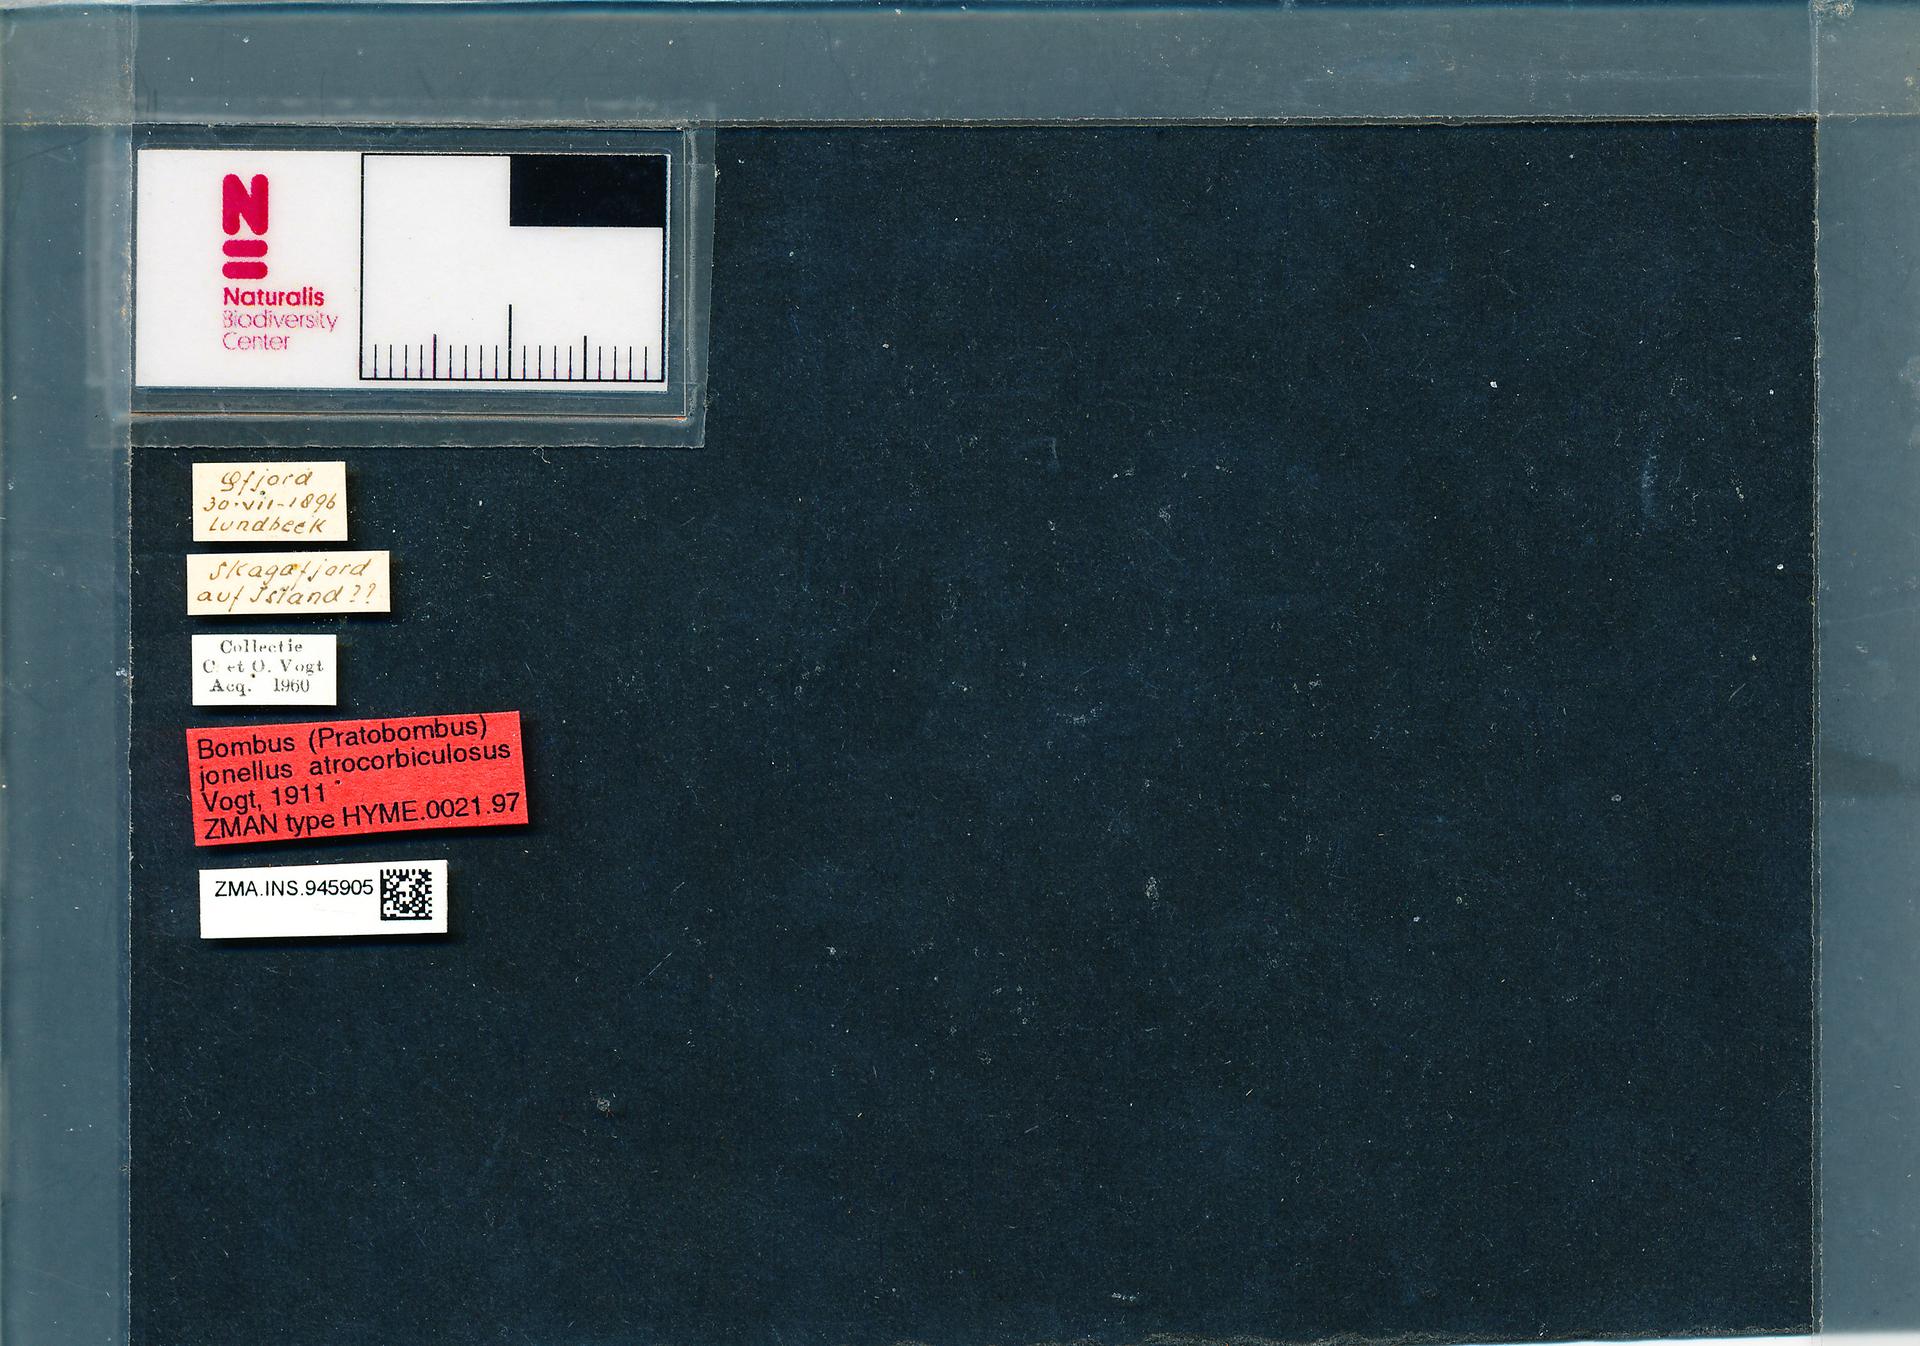 ZMA.INS.945905 | Bombus (Pyrobombus) jonellus subborealis Vogt, 1911